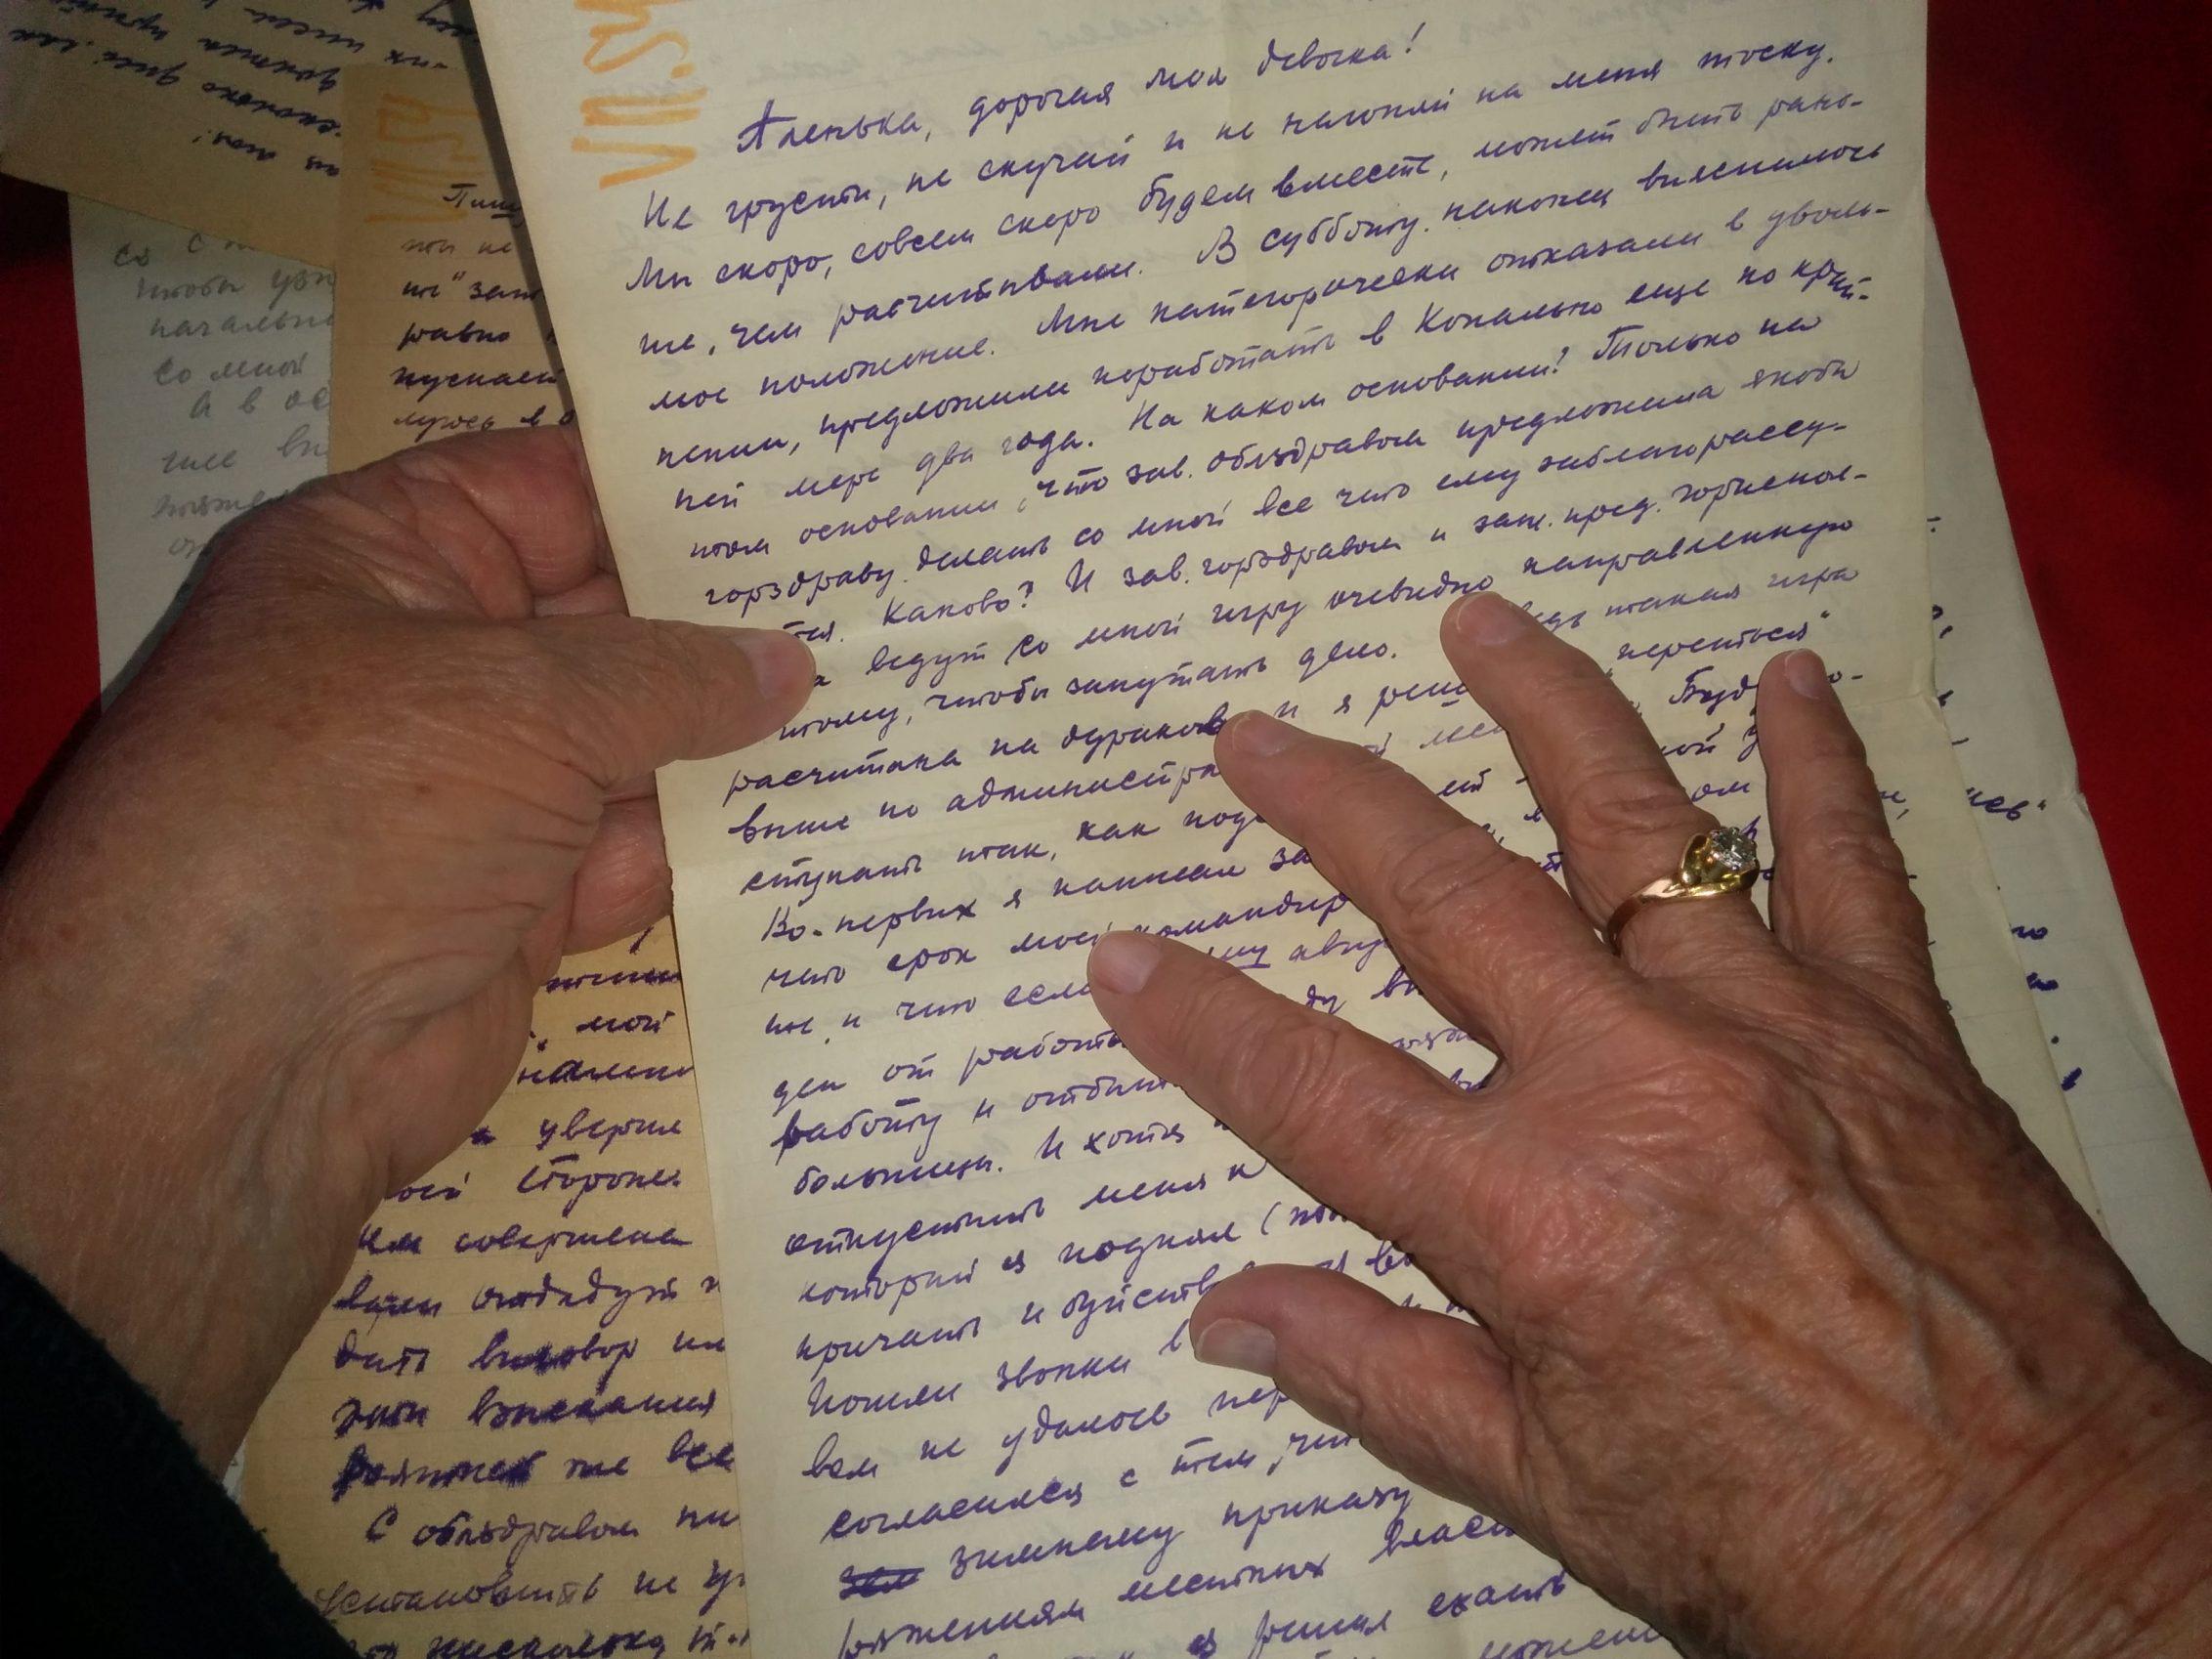 לכתוב ספר אישי - ממה מתחילים?